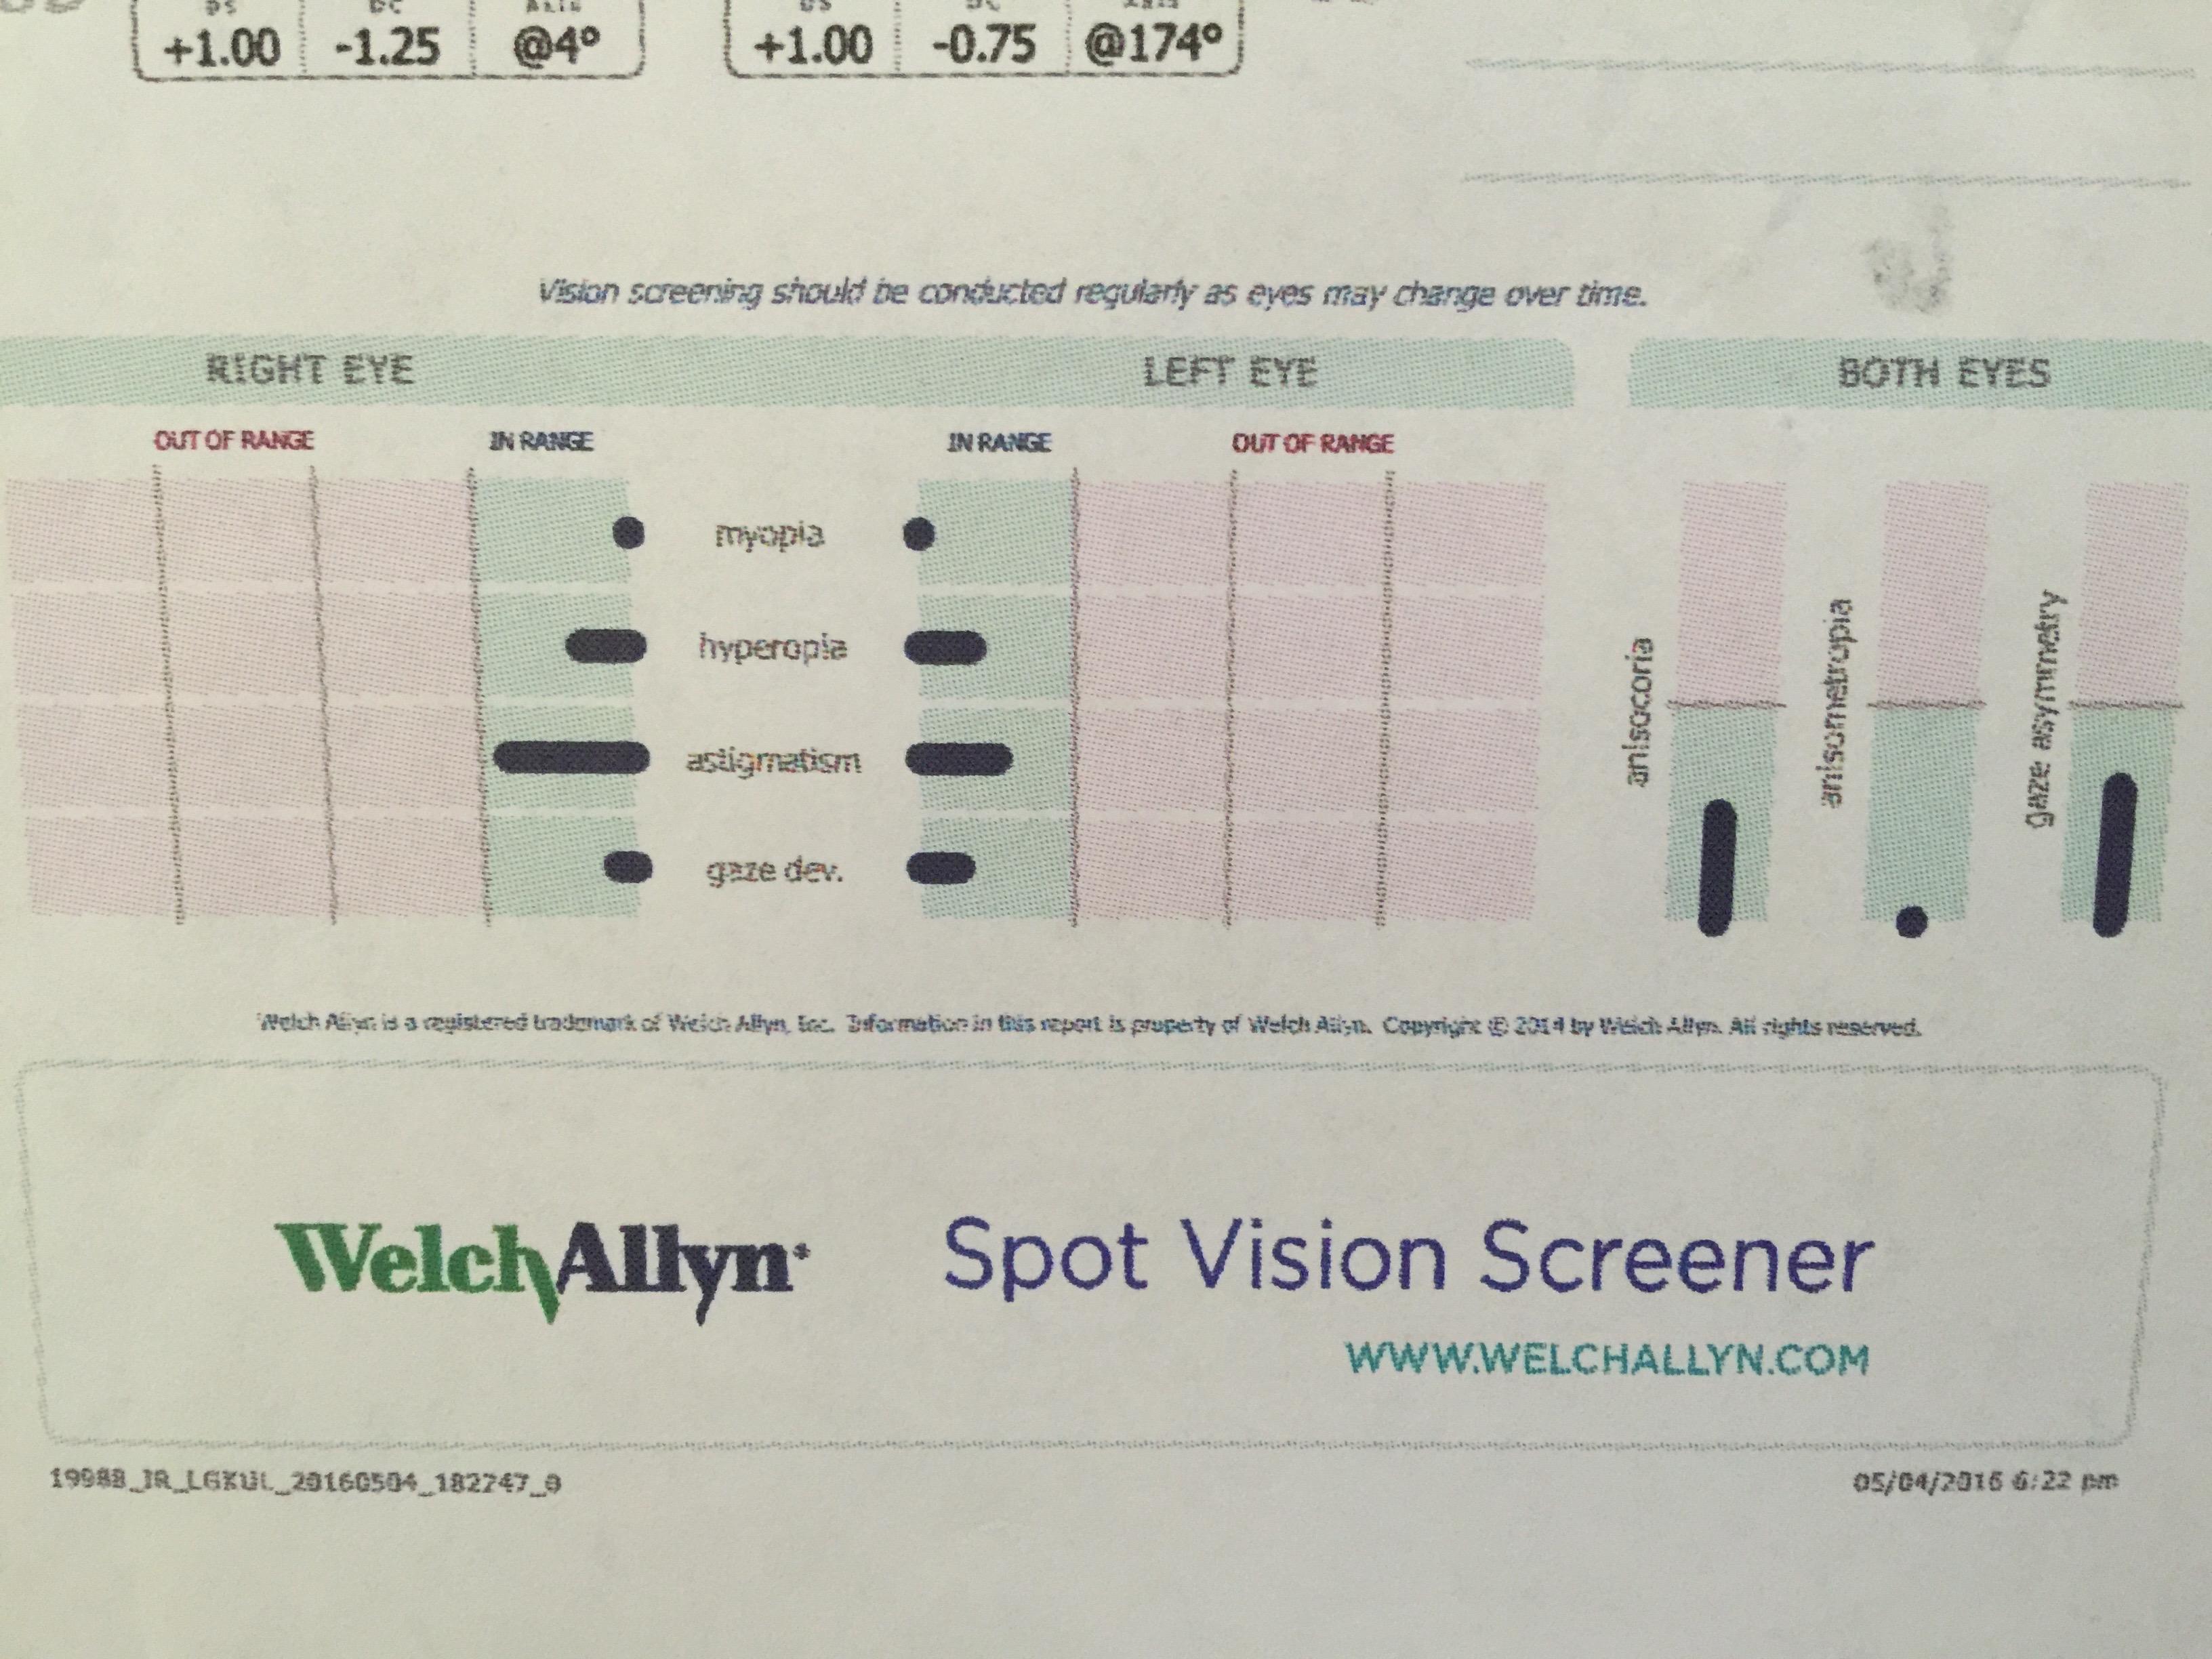 Spot Vision Screener